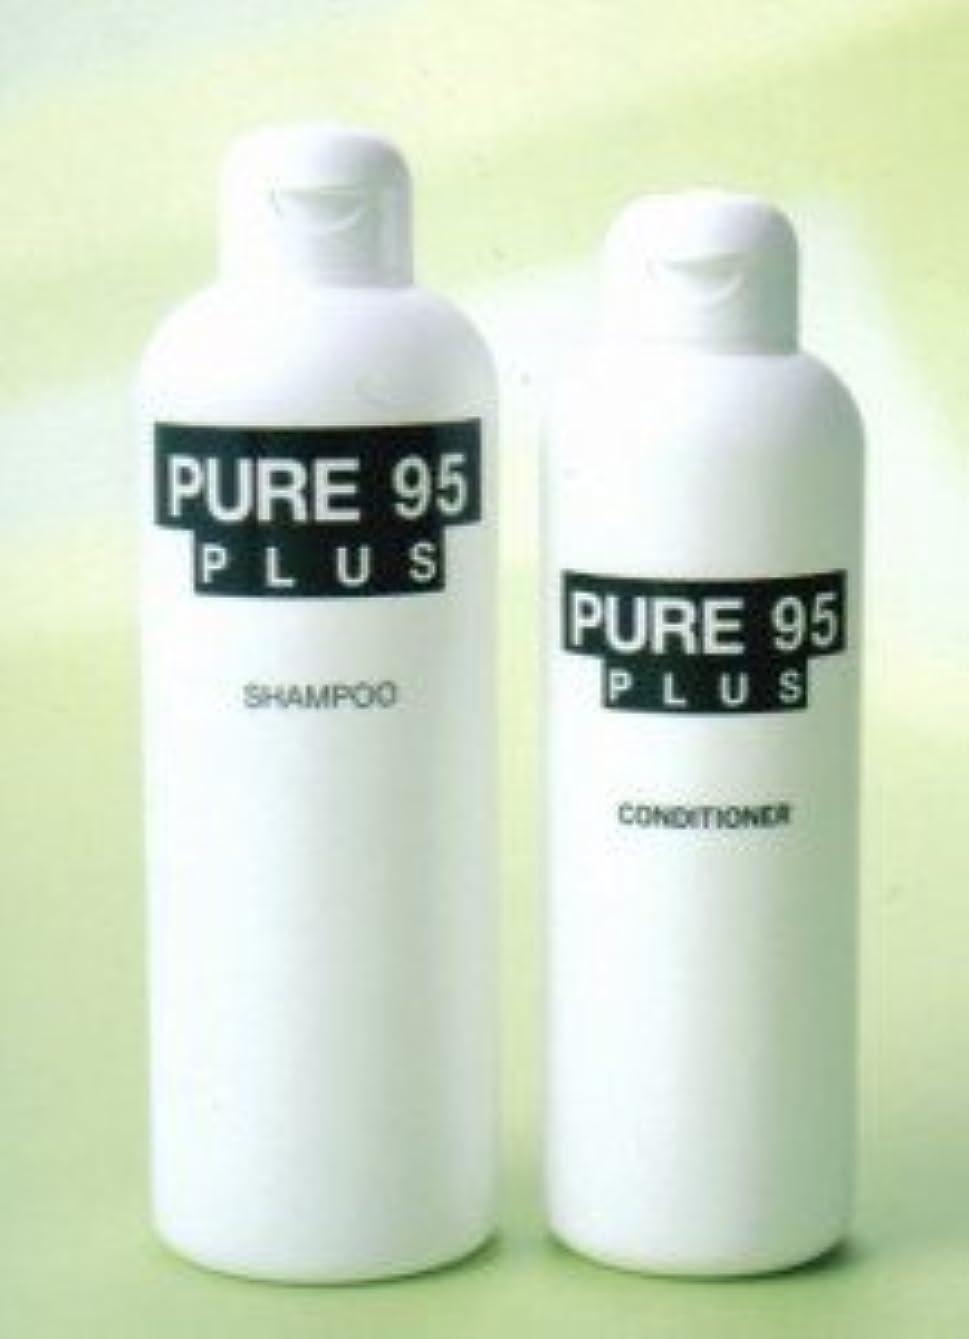 こどもセンターウサギ効率パーミングジャパン PURE95(ピュア95) プラスコンディショナー300ml (草原の香り)